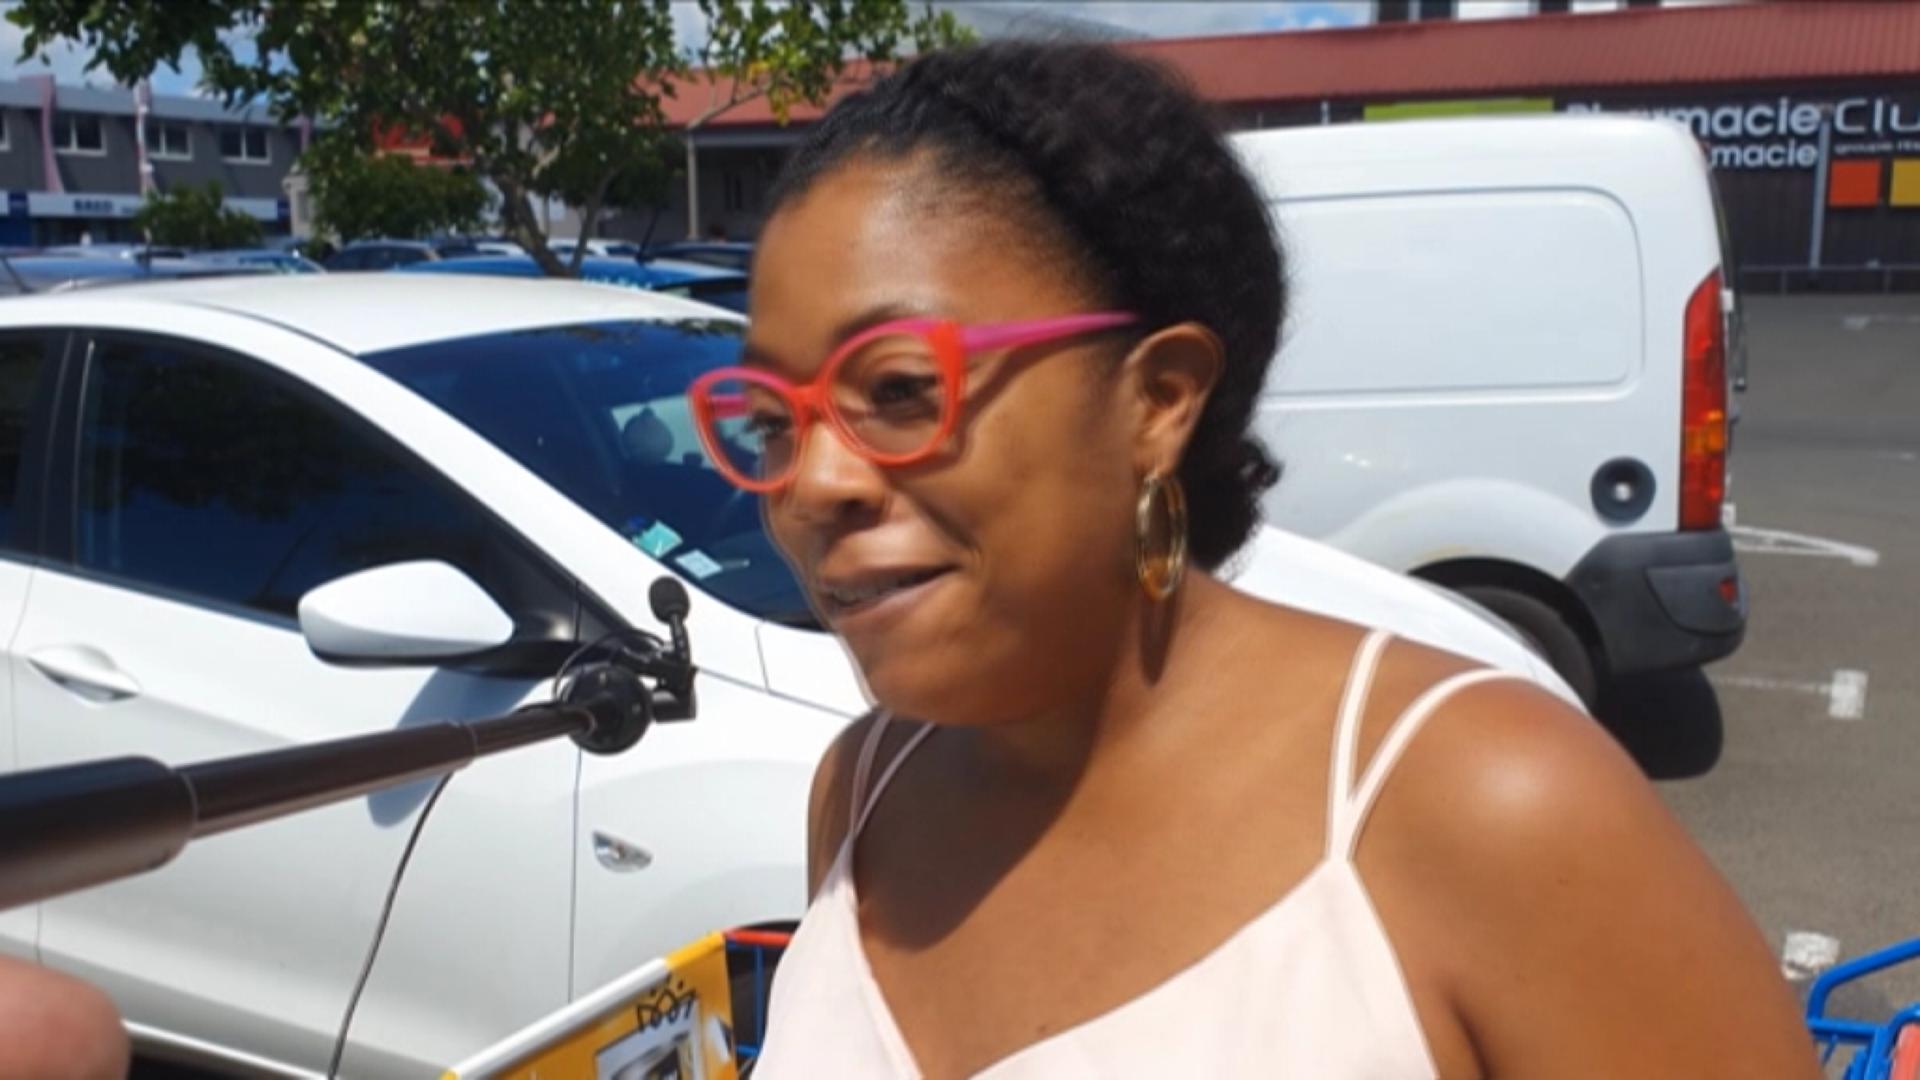 [Vidéo] Onews Martinique. Les martniquais sont ils prêts à acheter des bananes venues d ailleurs moins chères.